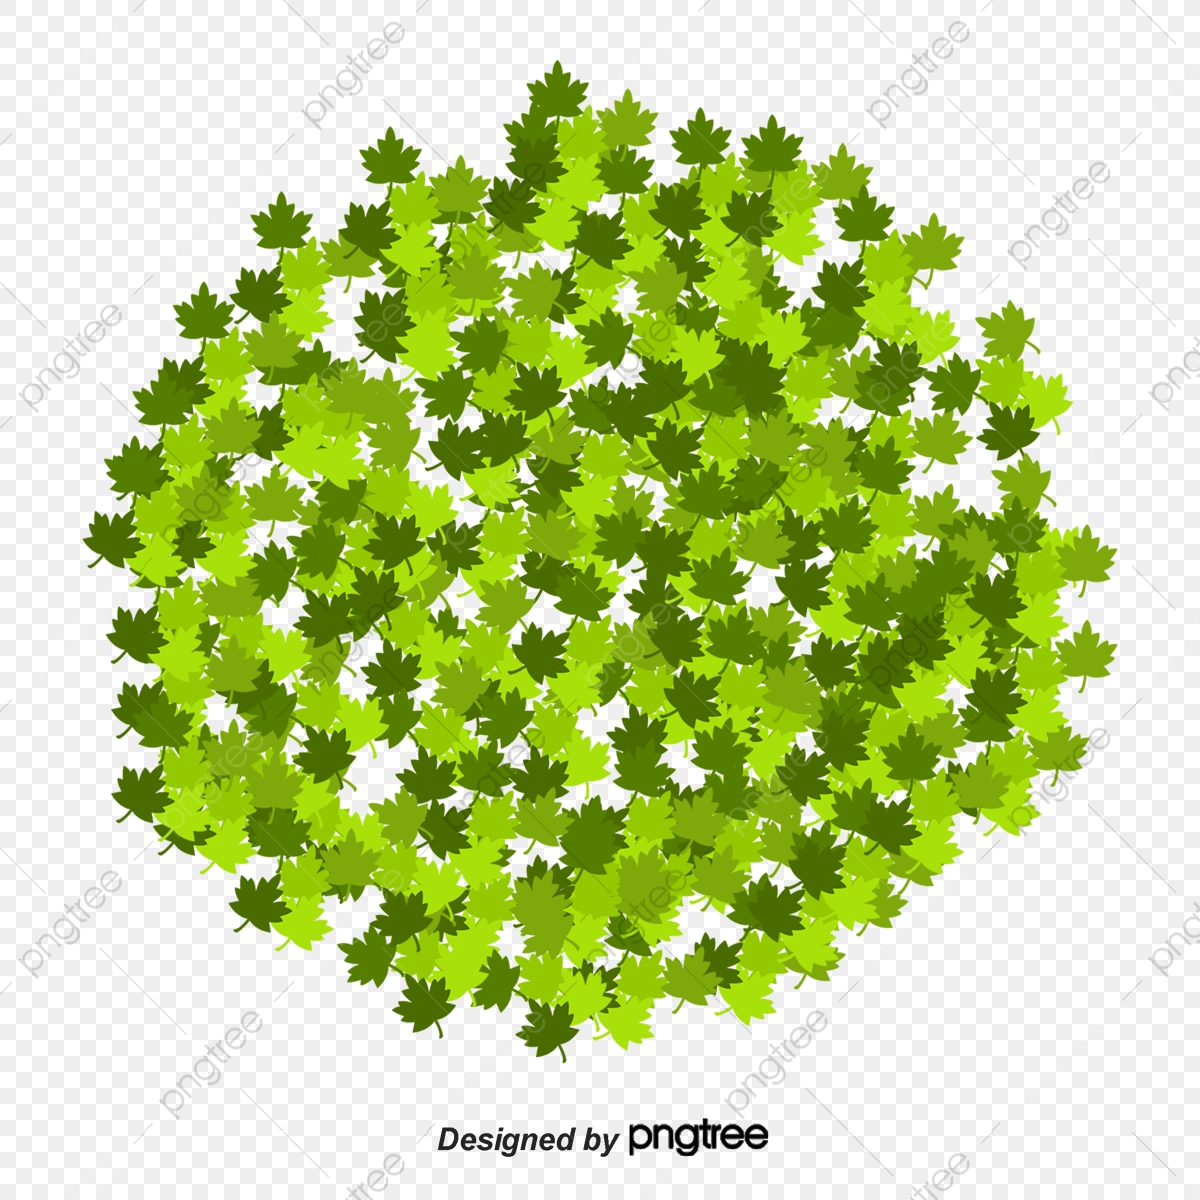 les buissons de dessin vectoriel dessin buisson bois png et vecteur pour t u00e9l u00e9chargement gratuit